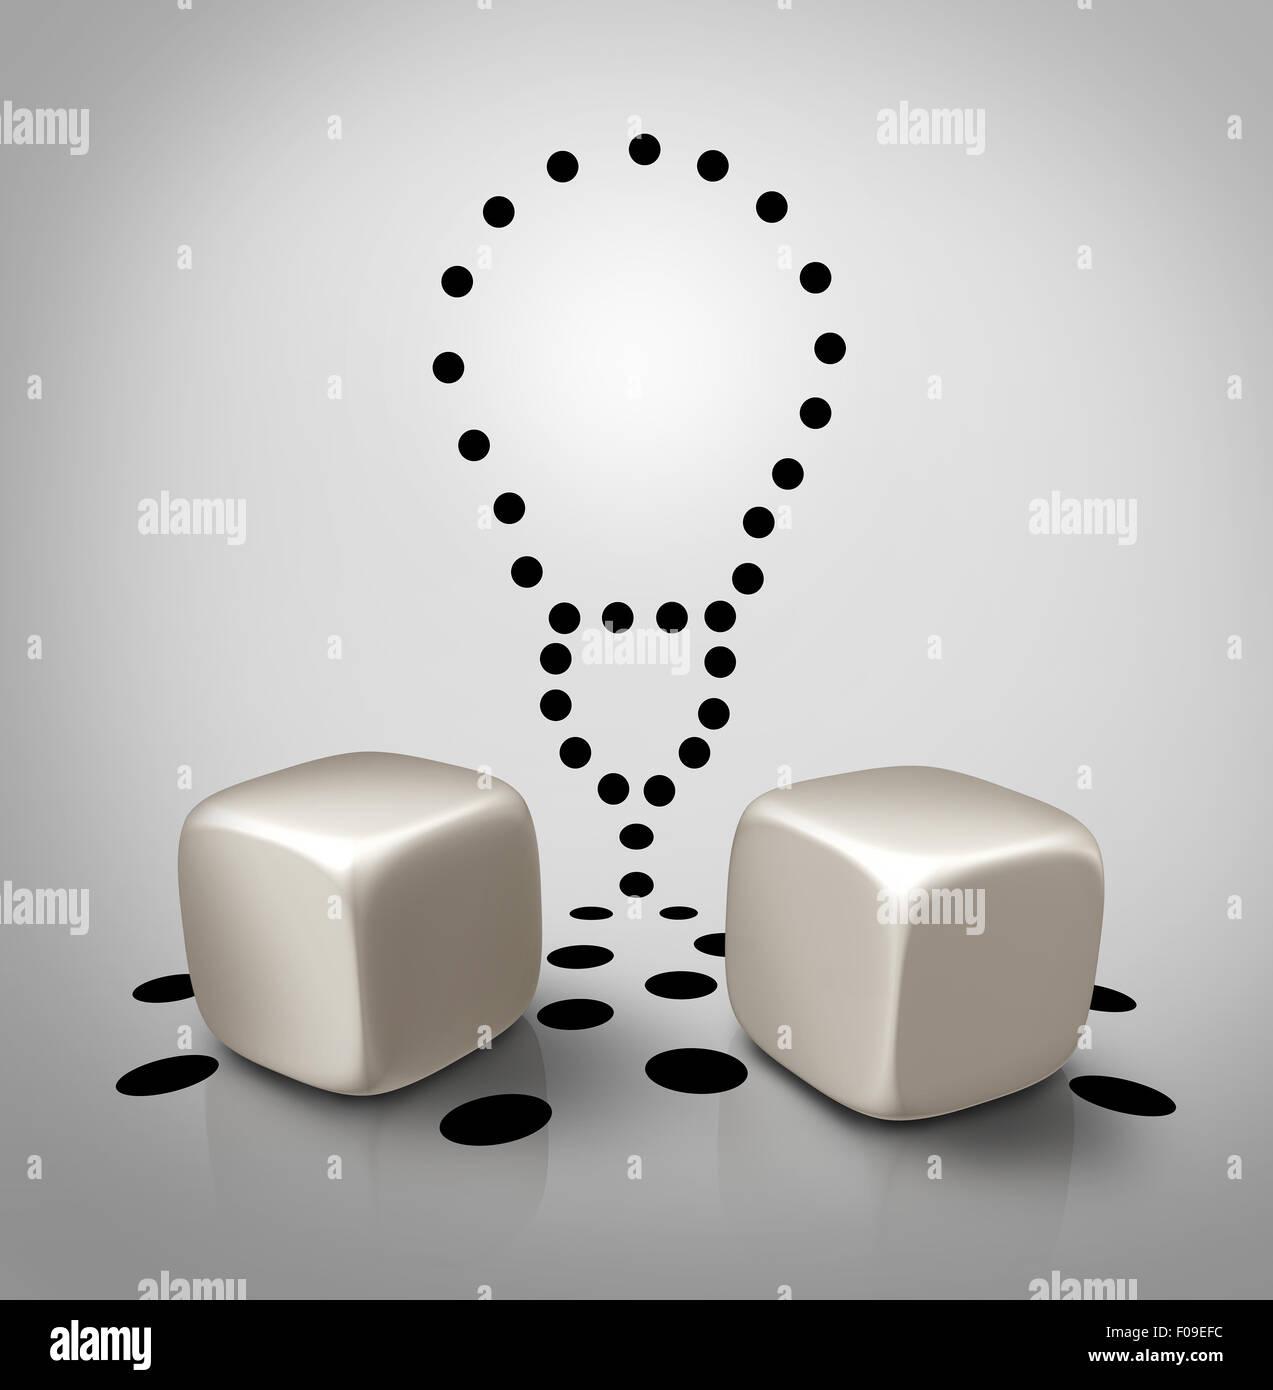 Venture idea e invenzione icona del concetto di dadi con spot in una lampadina forma come una attività creativa Immagini Stock